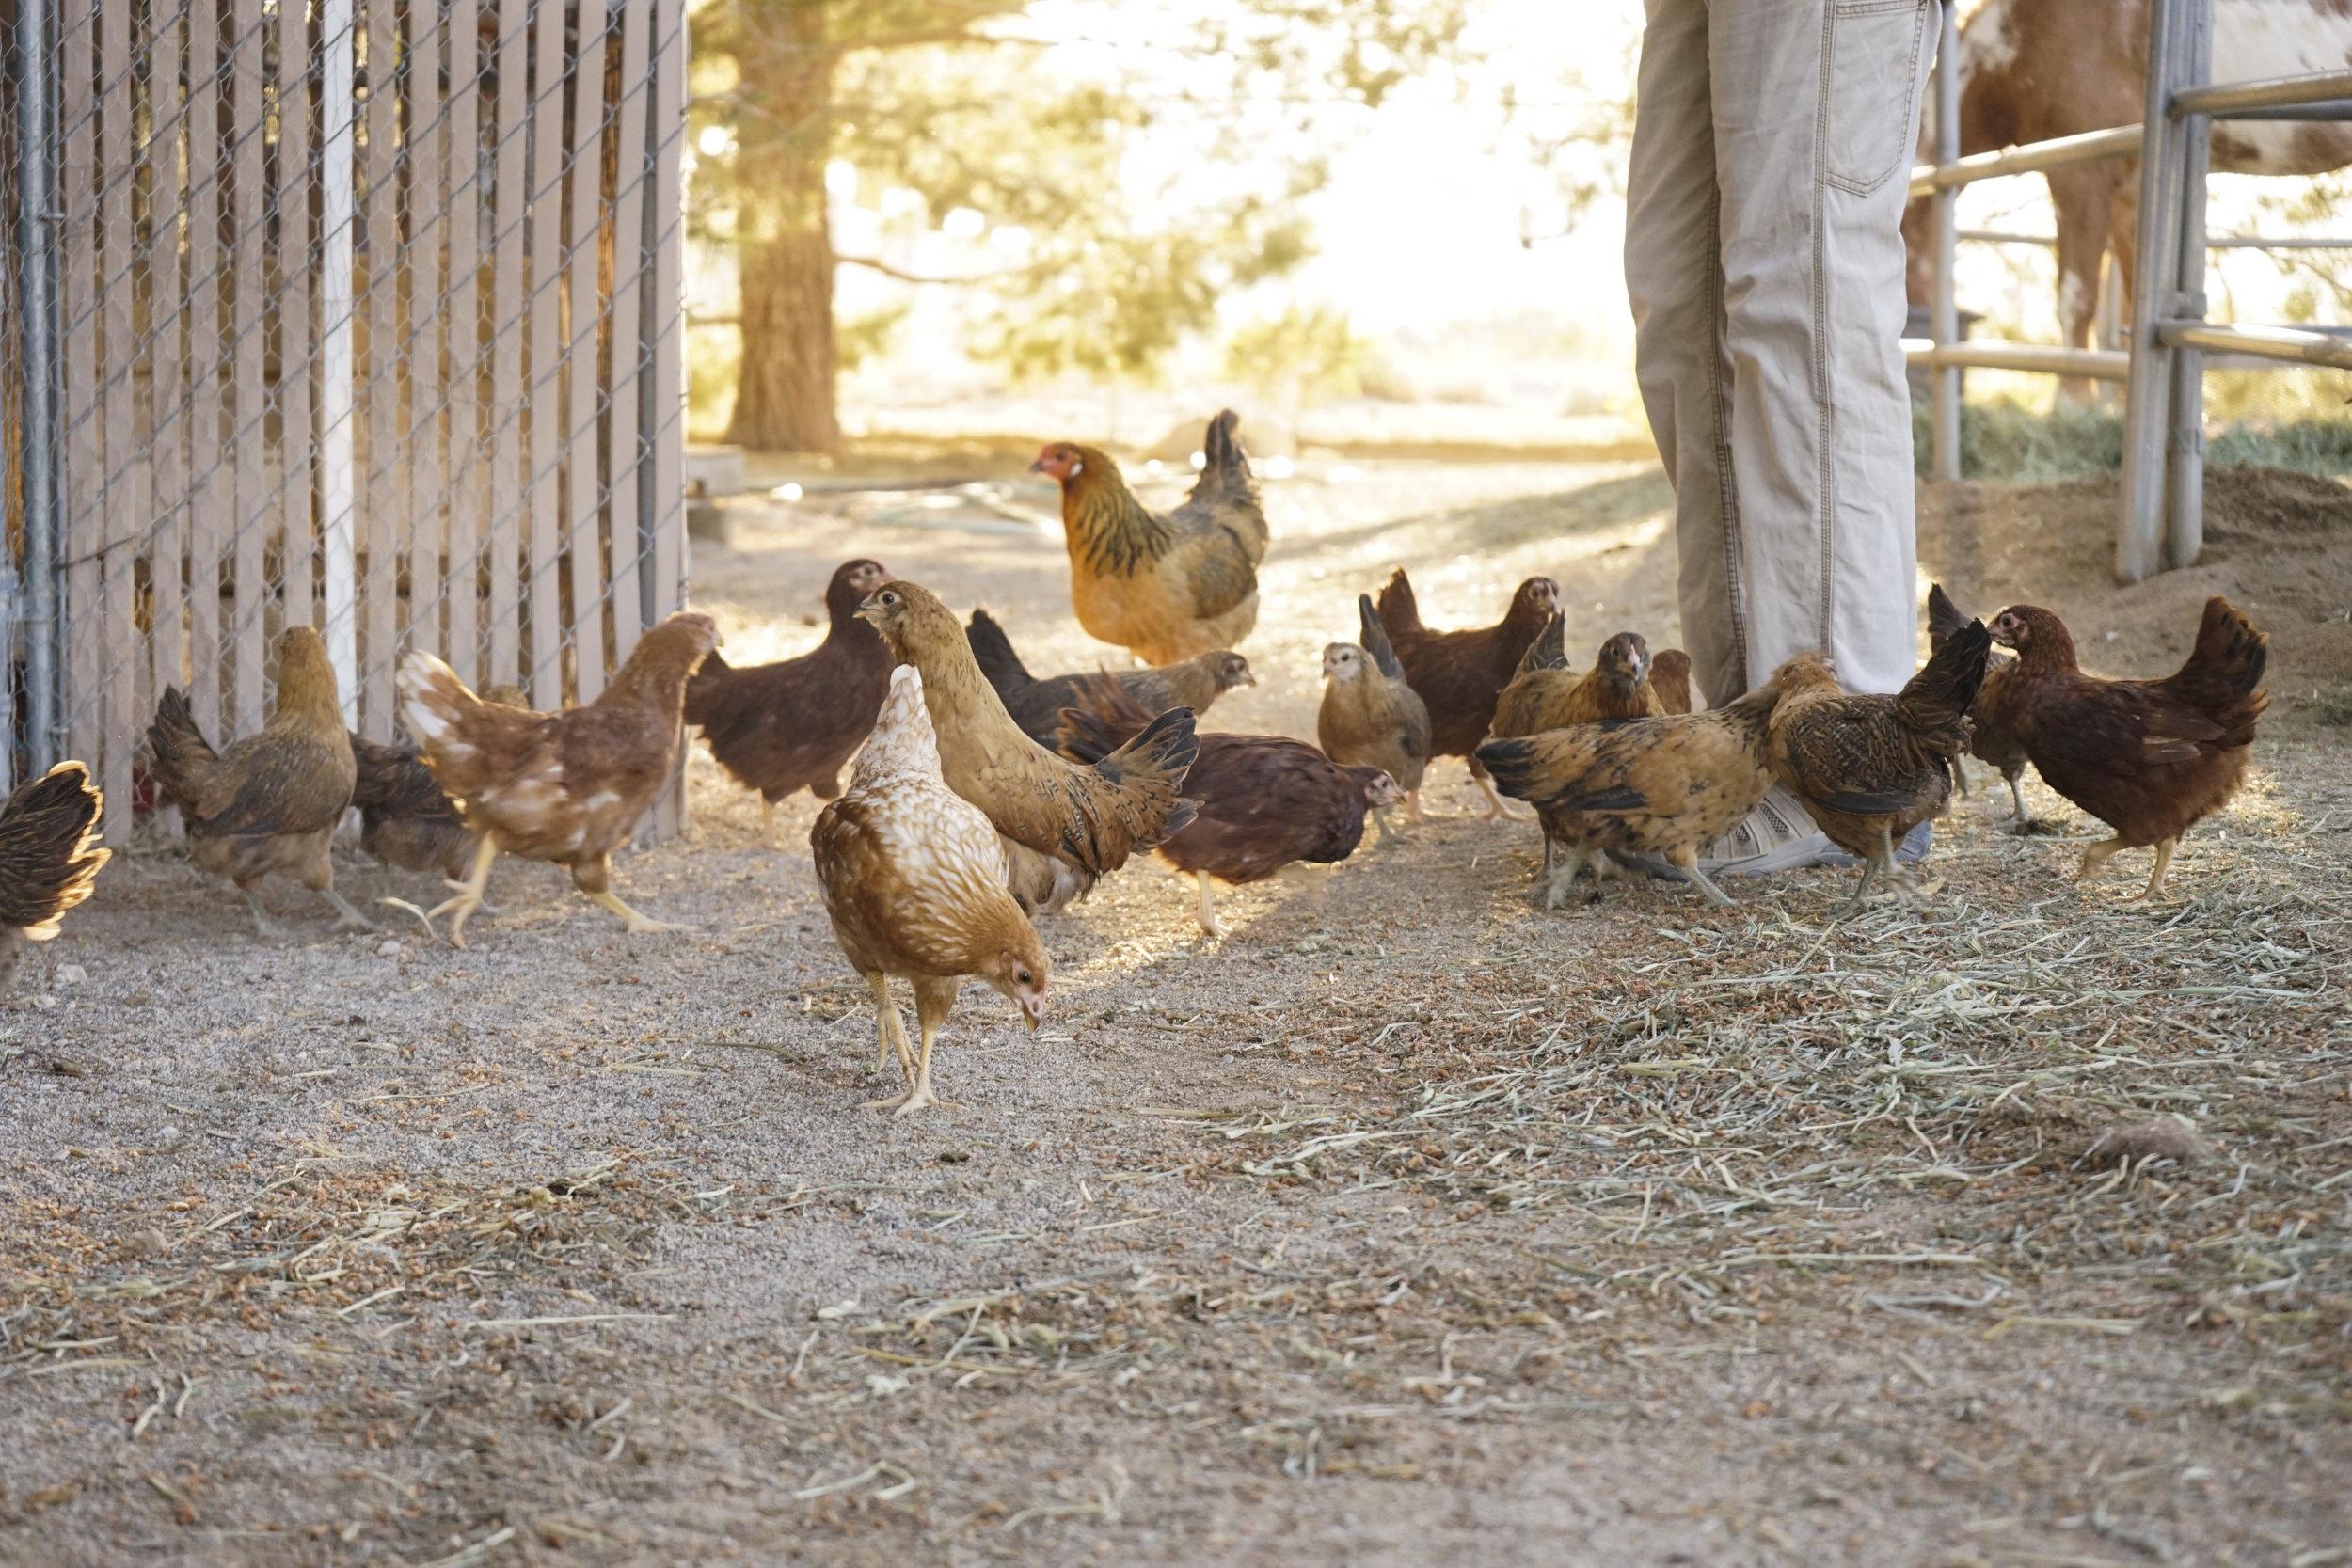 Hungry Chickens, Las Vegas, Nevada, 2019